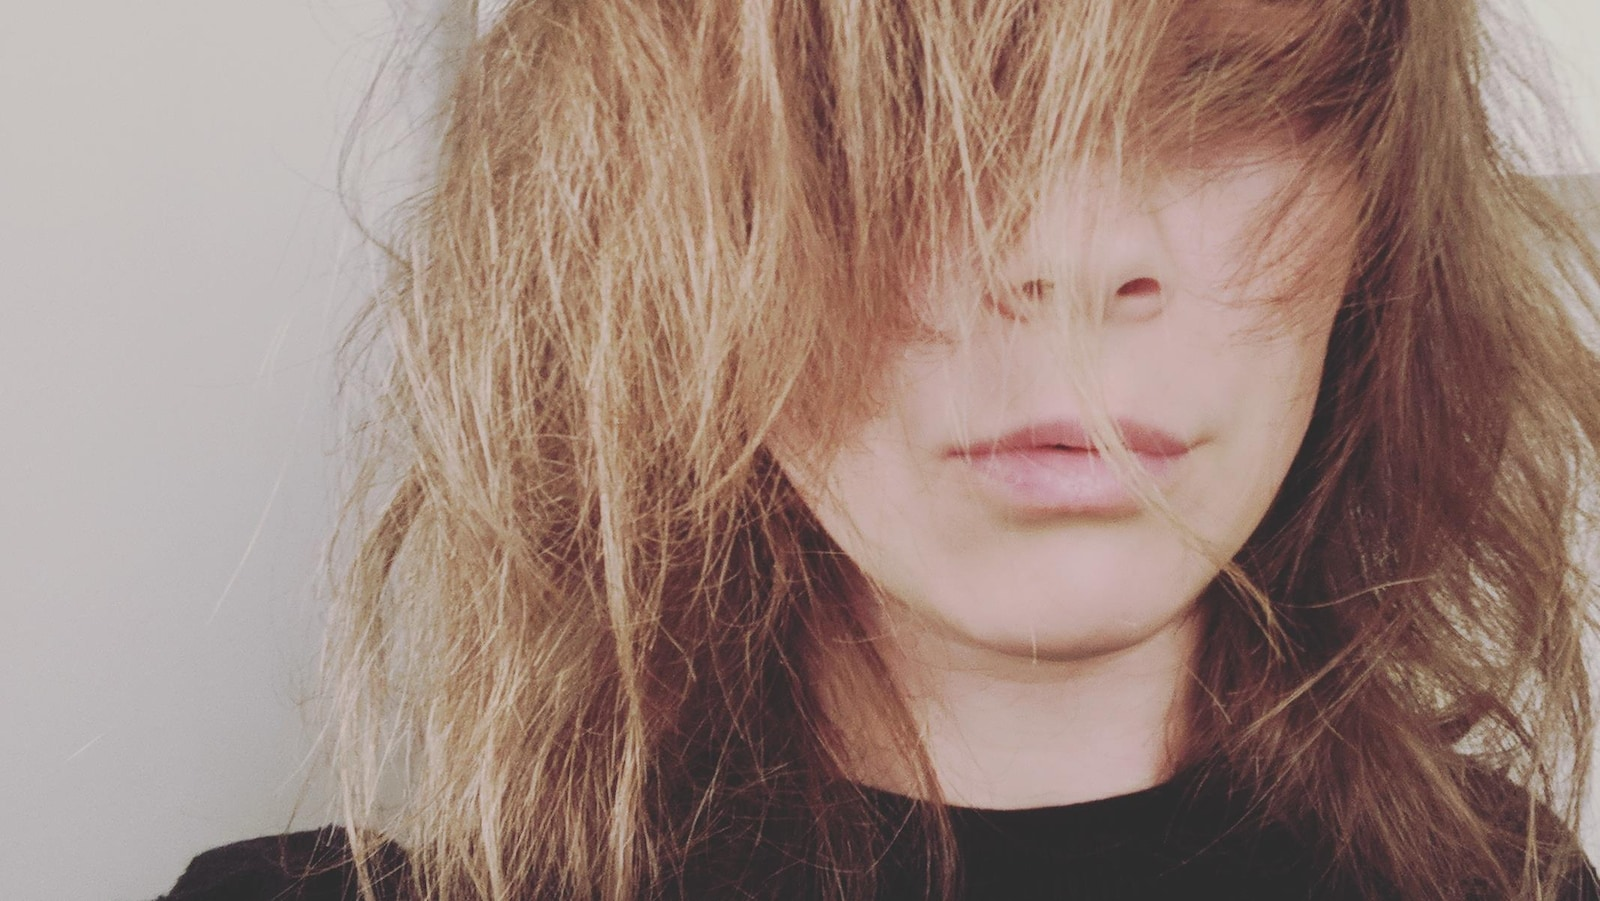 Portrait de Vanessa Bell sur fond gris. Elle porte un chandail noir et ses cheveux blond vénitien cachent son visage.